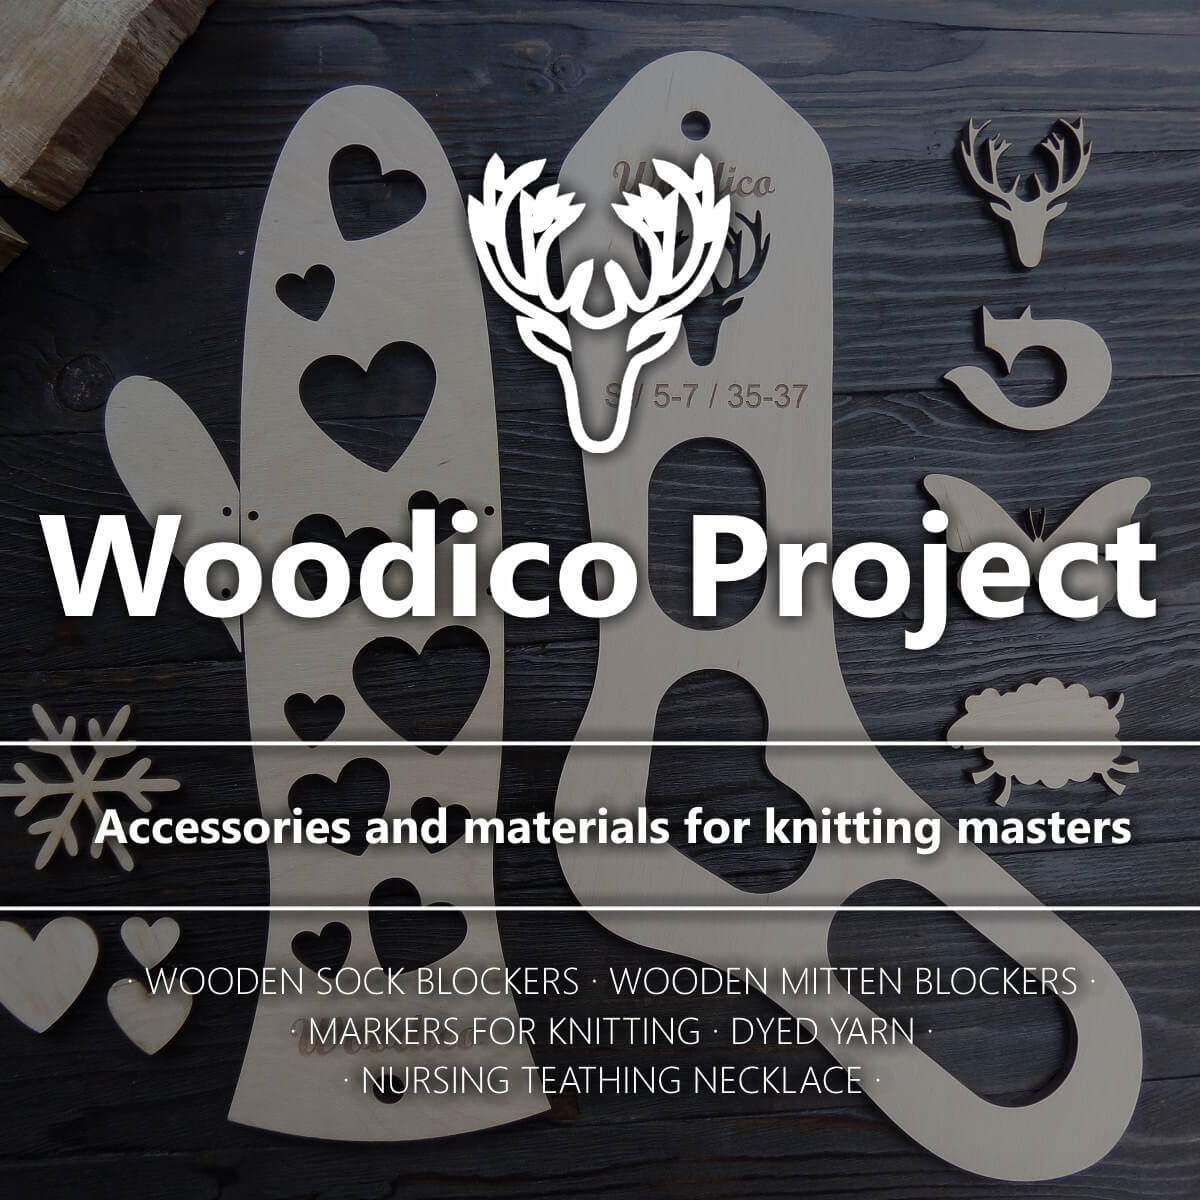 woodico.pro